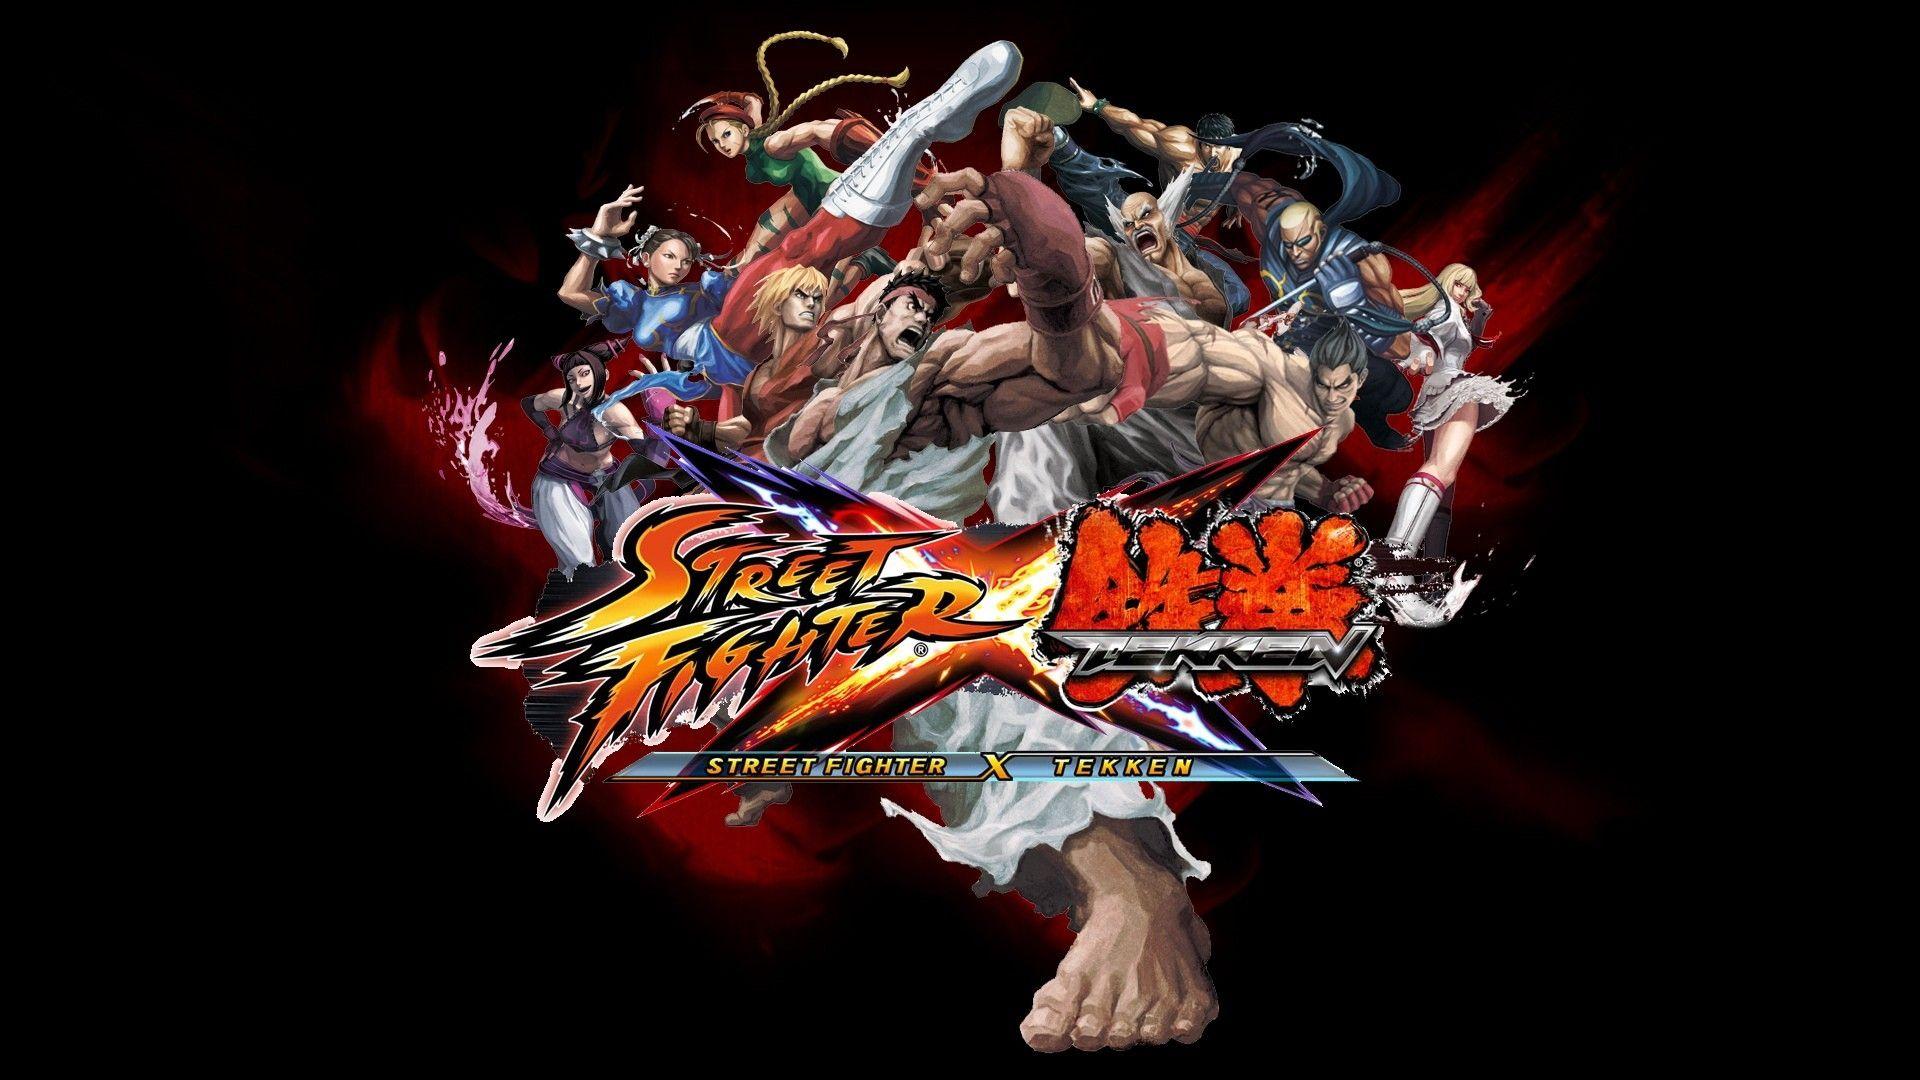 Download Wallpaper 1920x1080 Street Fighter X Tekken Characters